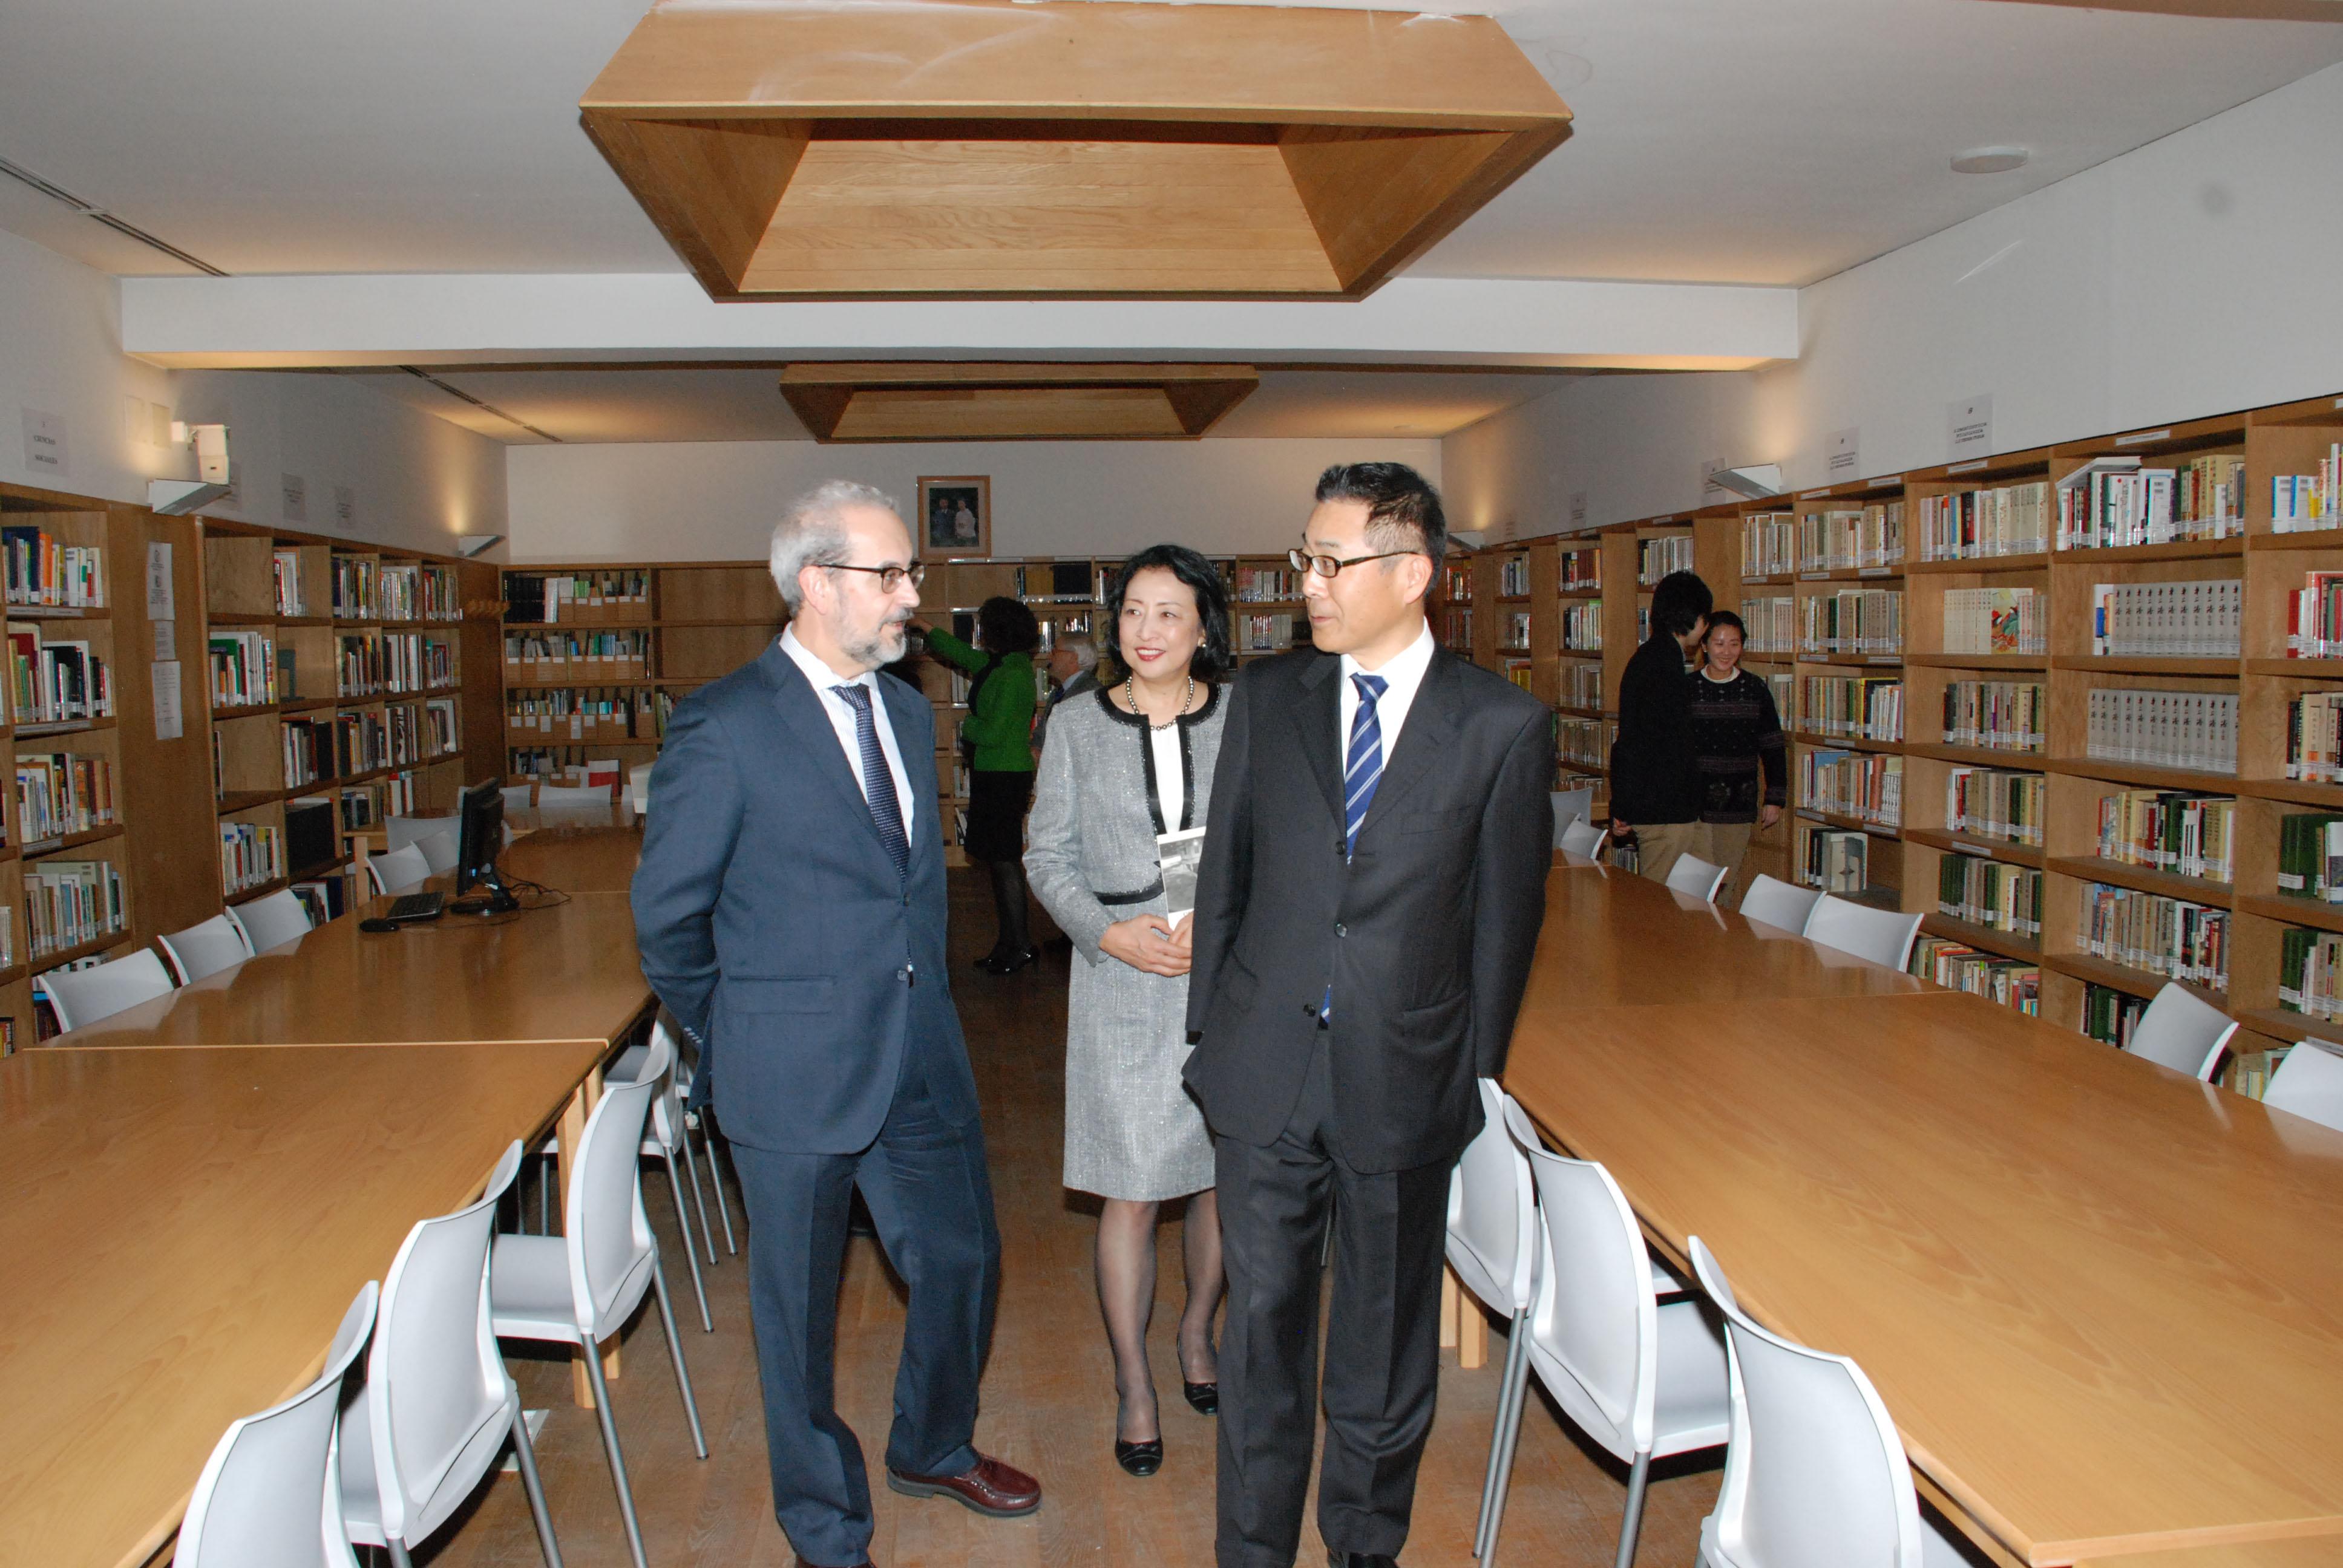 Japón concede la Orden del Sol Naciente, en su grado de Estrella de Oro y Plata, al rector de la Universidad de Salamanca